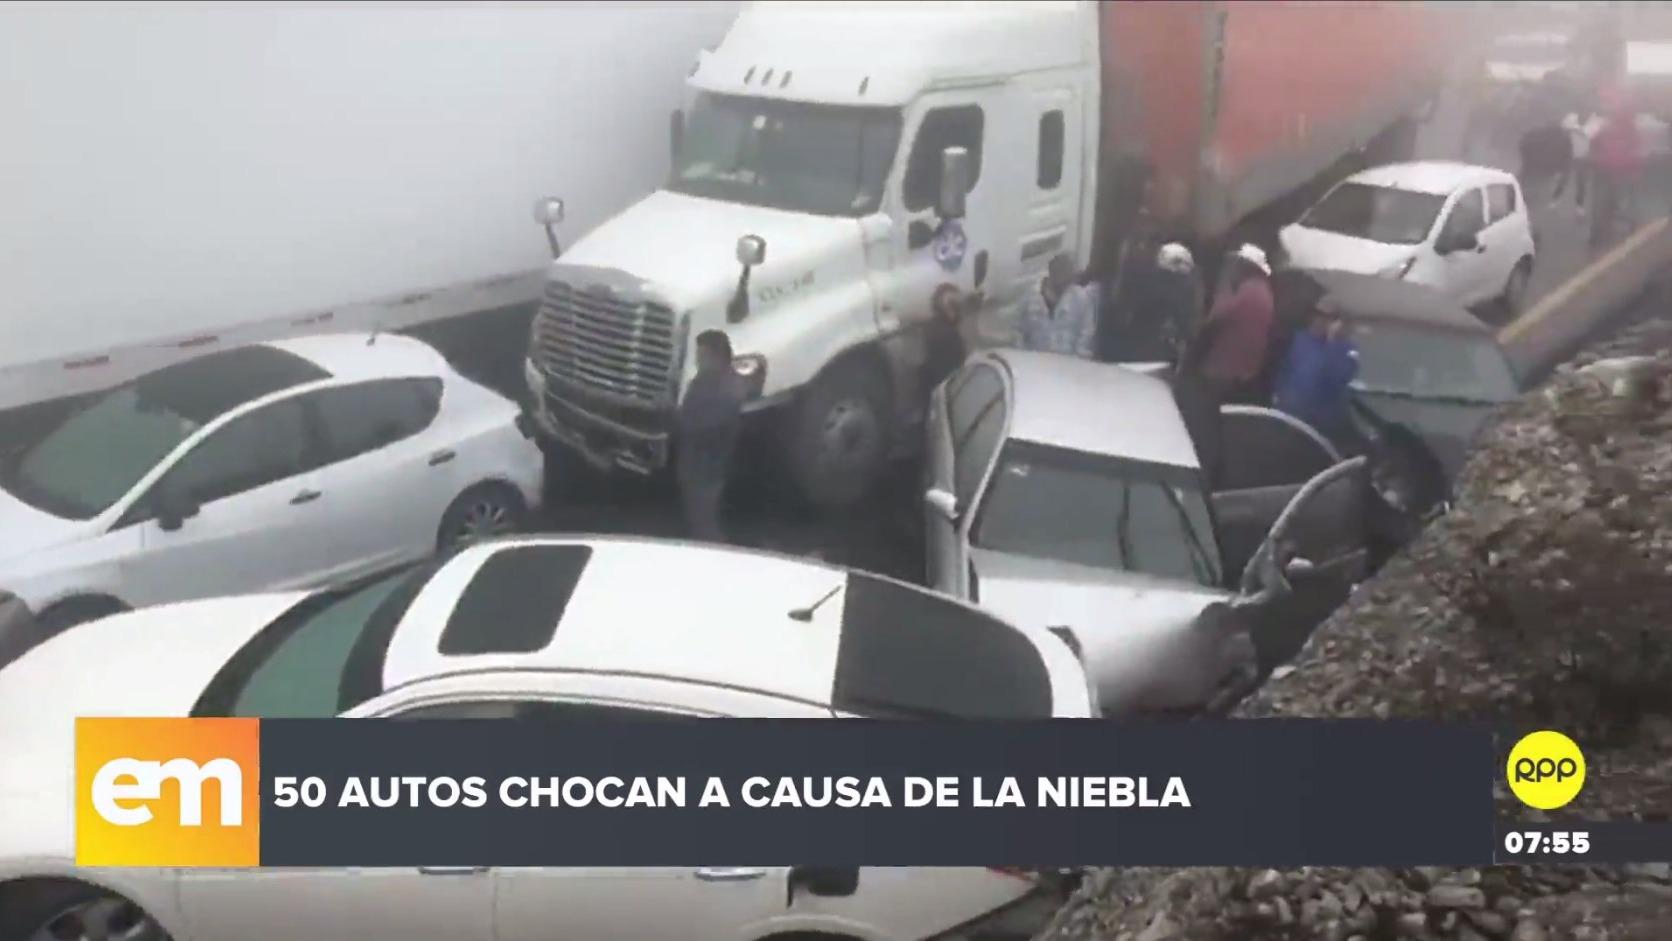 Al menos 50 autos chocaron en México a causa de la niebla.